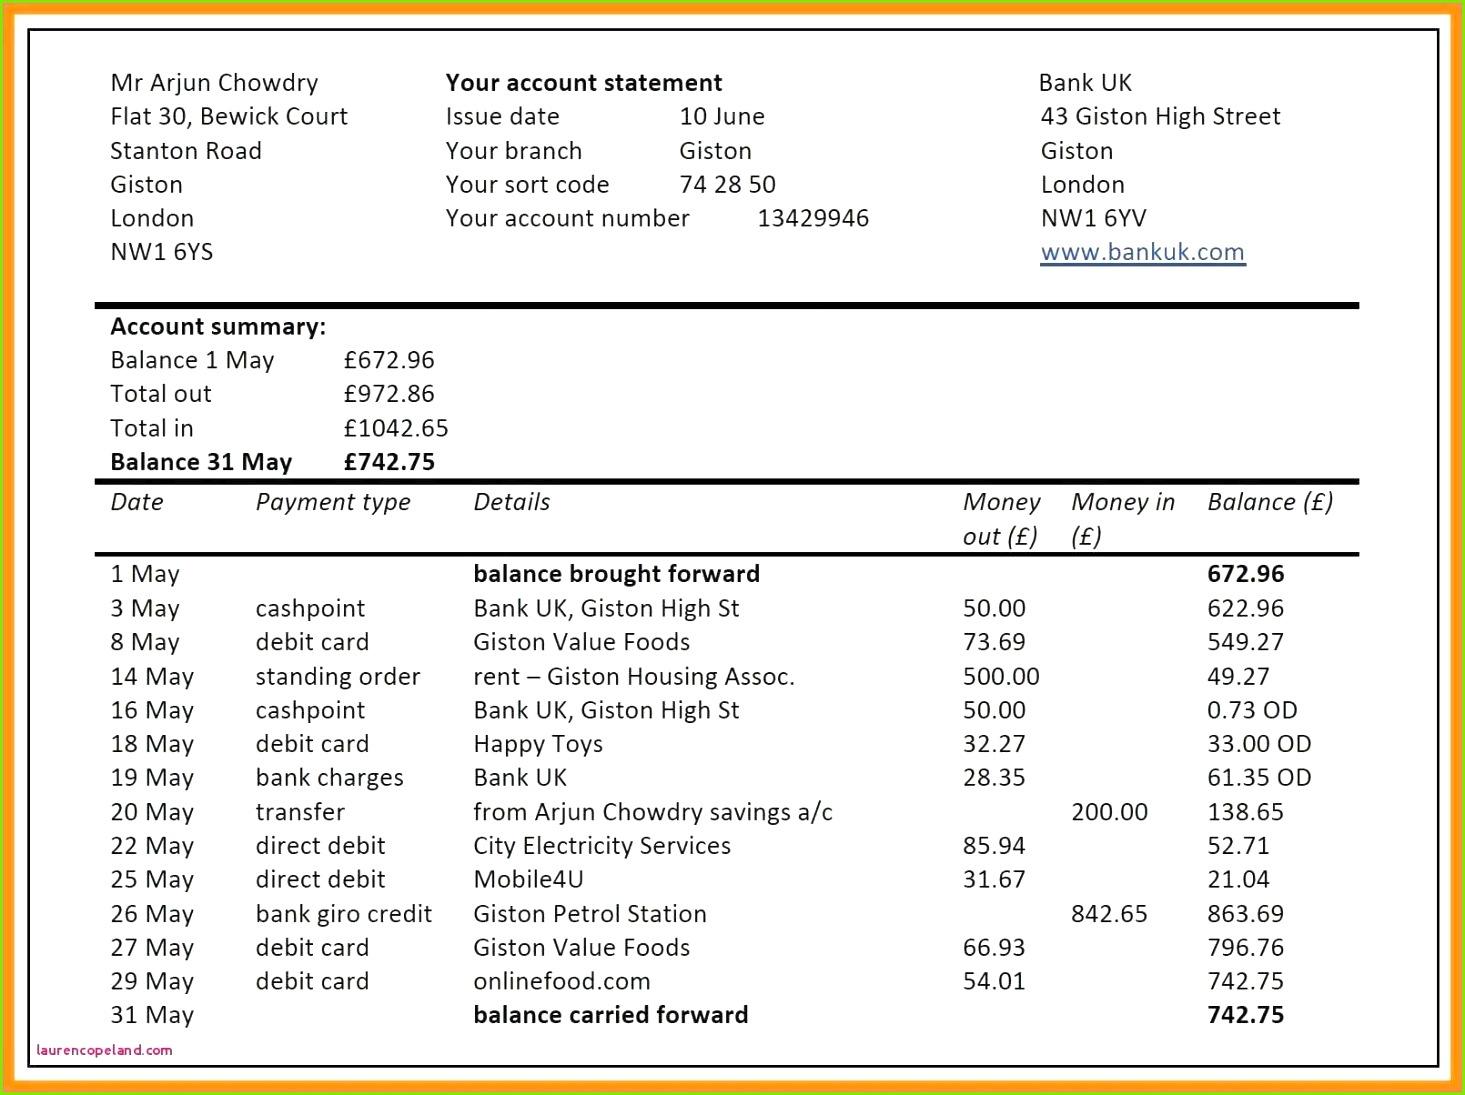 Fragebogen Vorlage Word 2010 Download Free Brochure Templates for Exotisch Vorlage Kundenbefragung Word